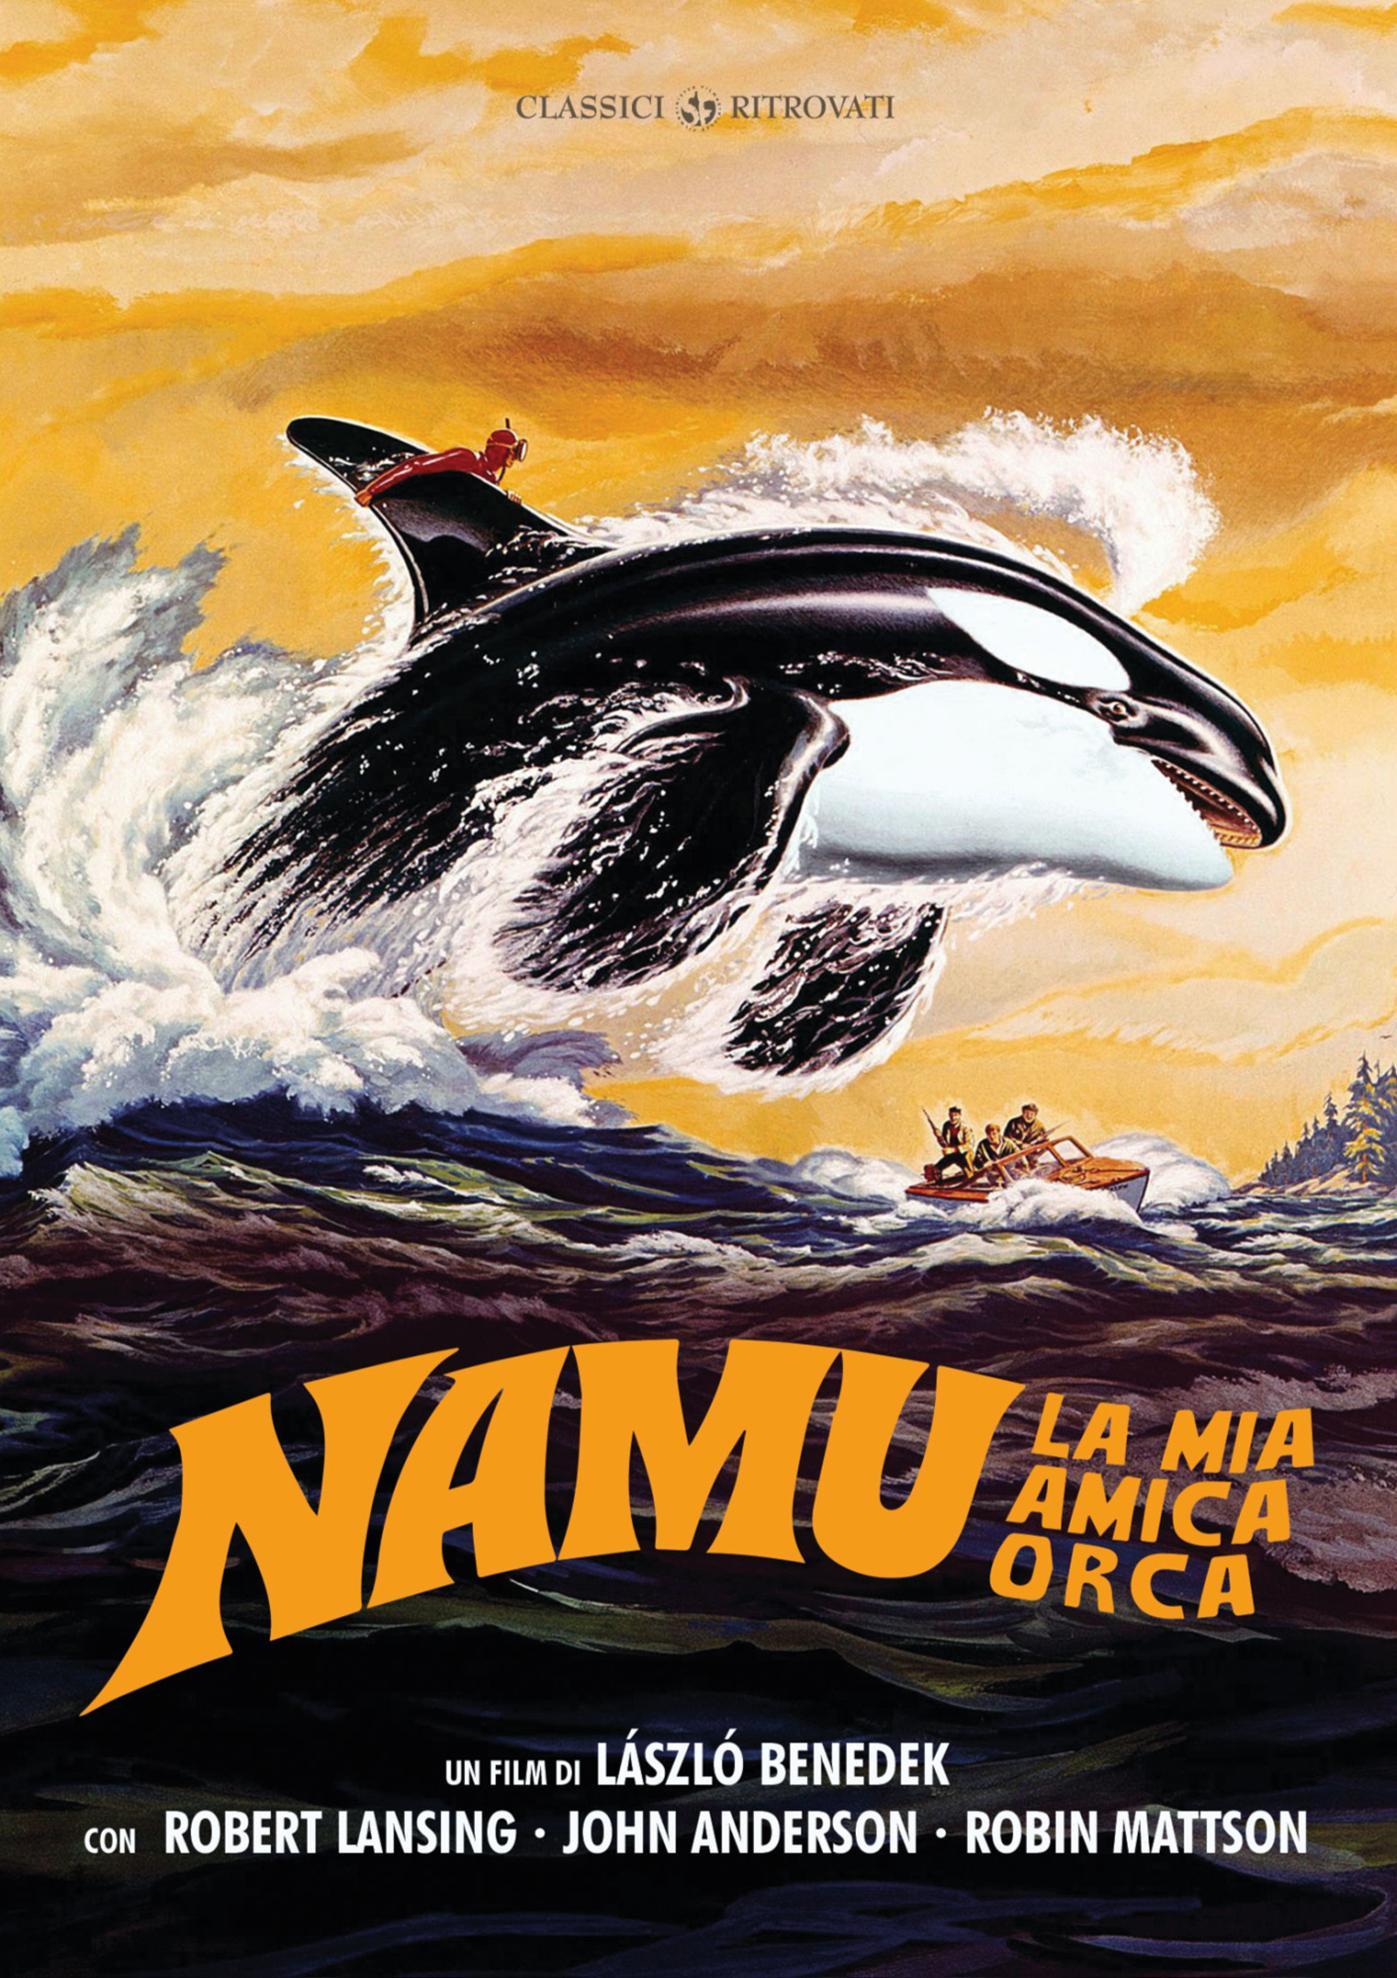 NAMU LA MIA AMICA ORCA (DVD)